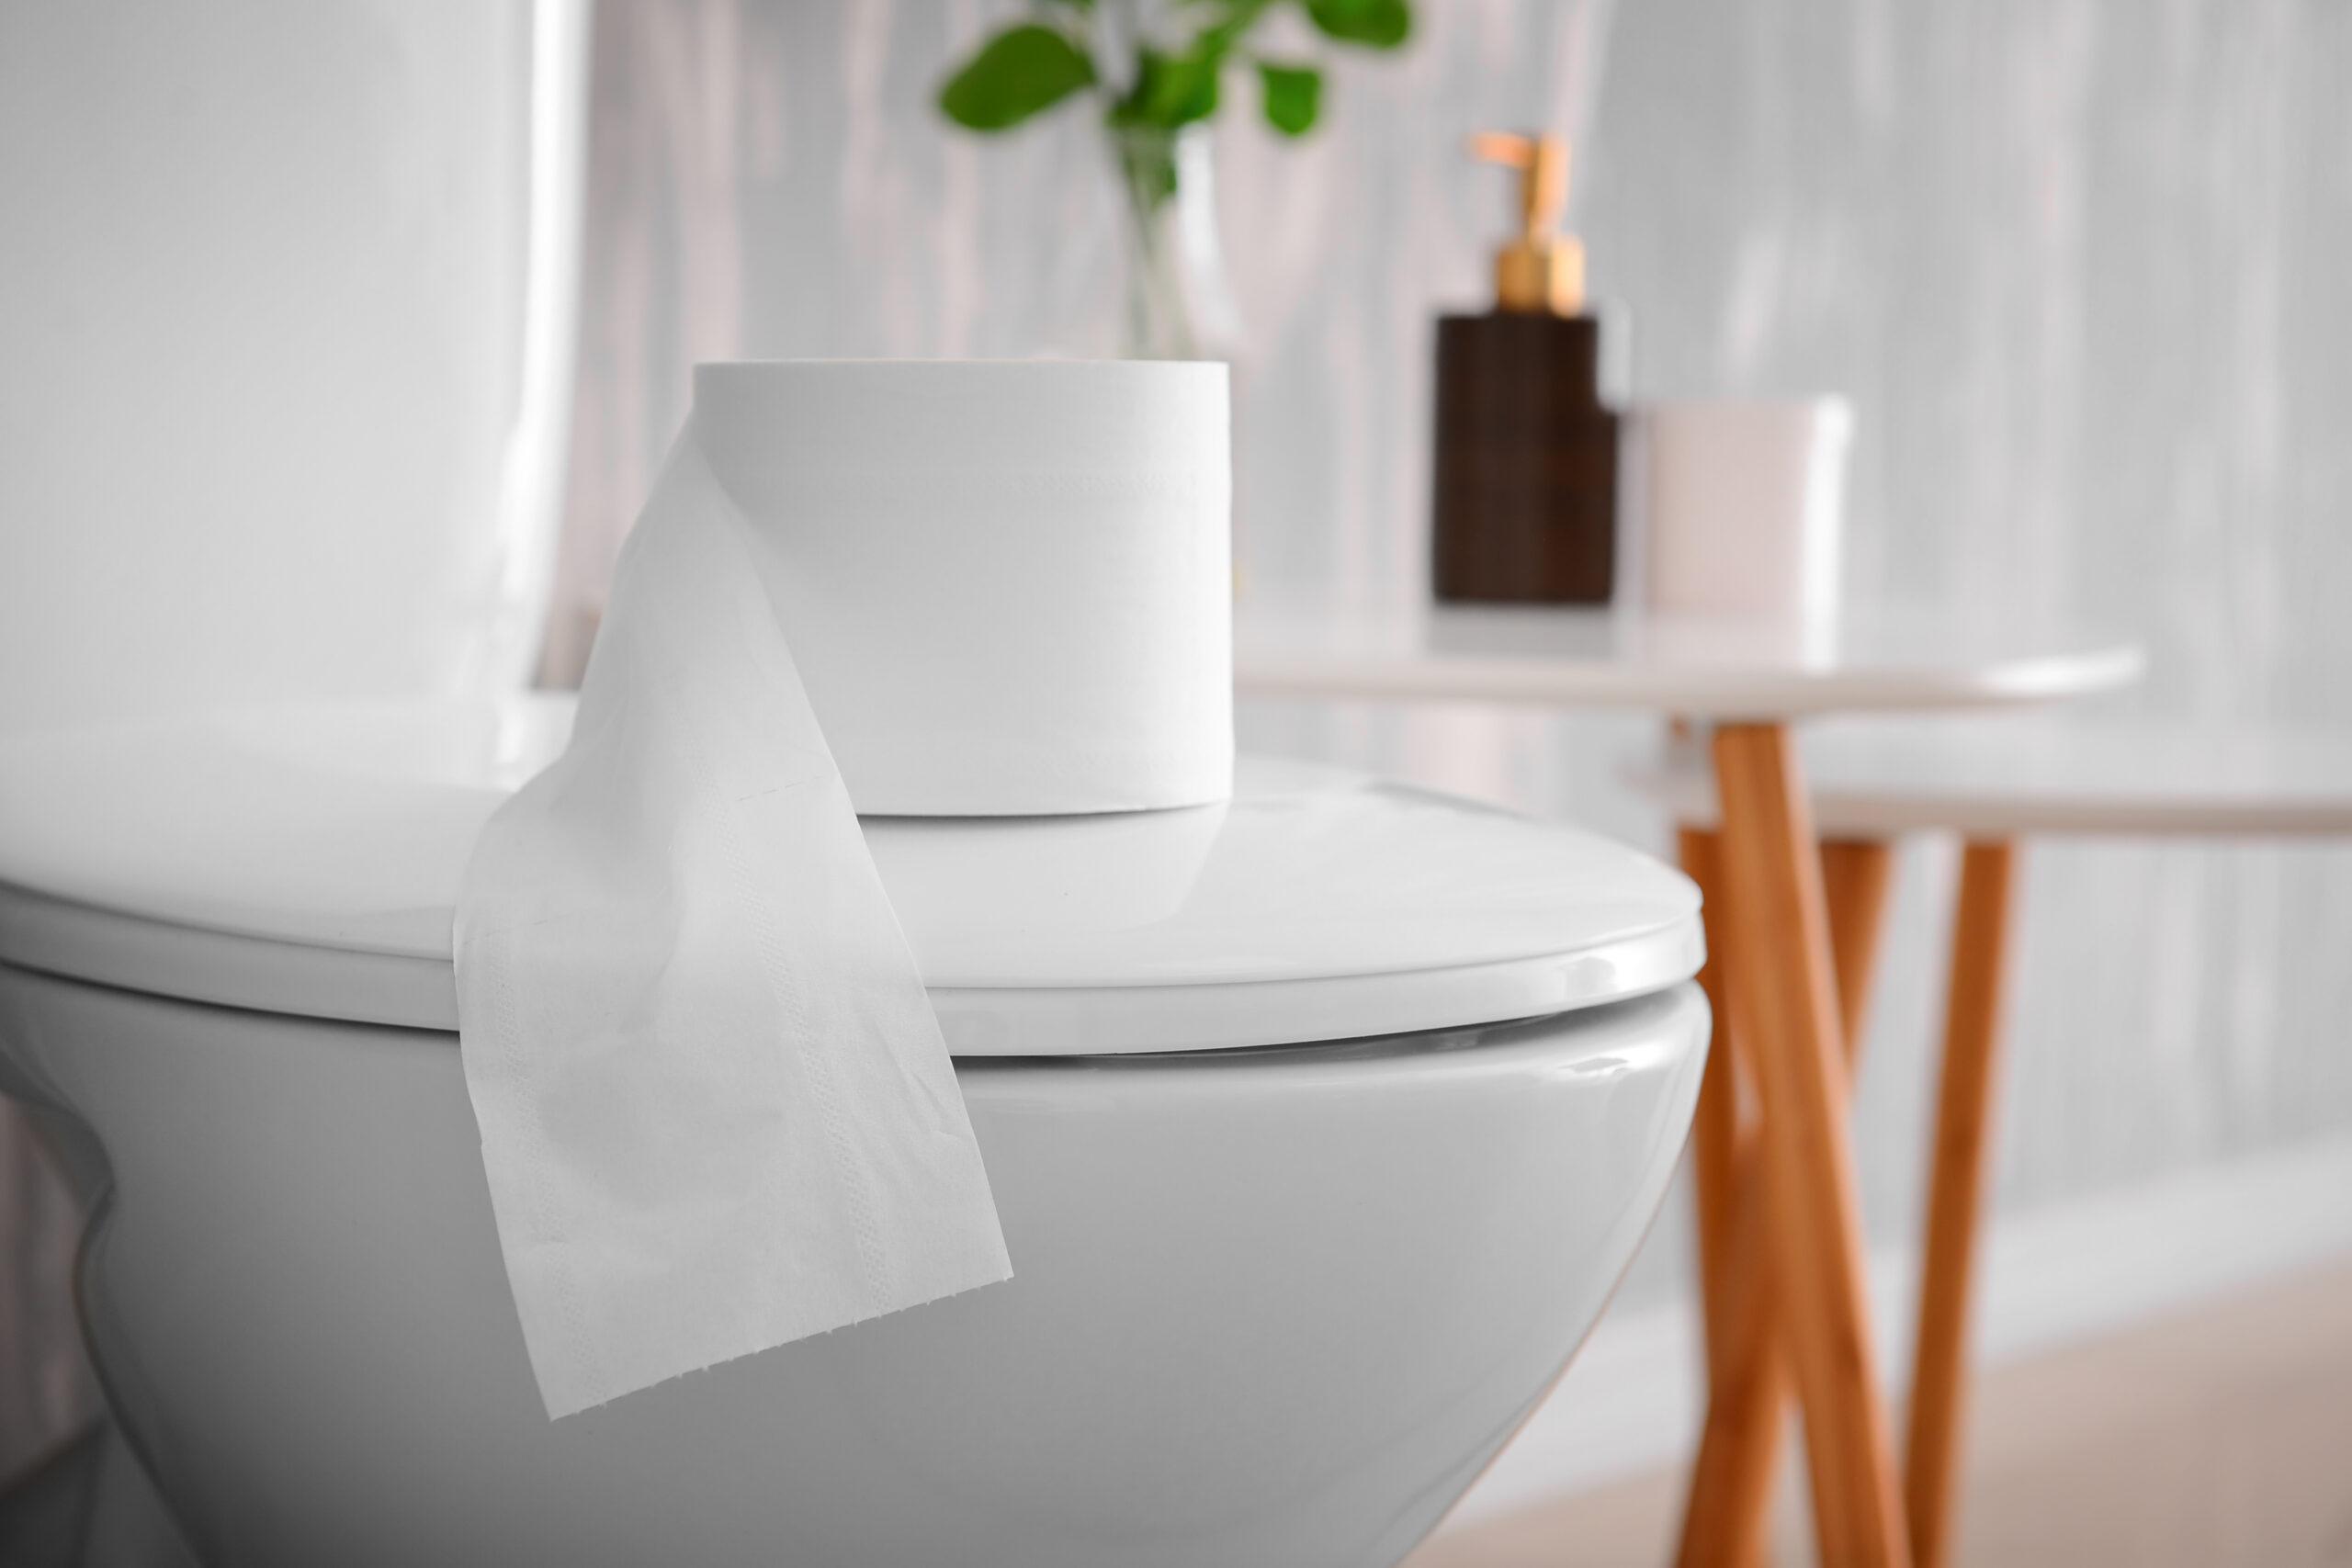 närbild på modern toalett, pappersrulle på locket